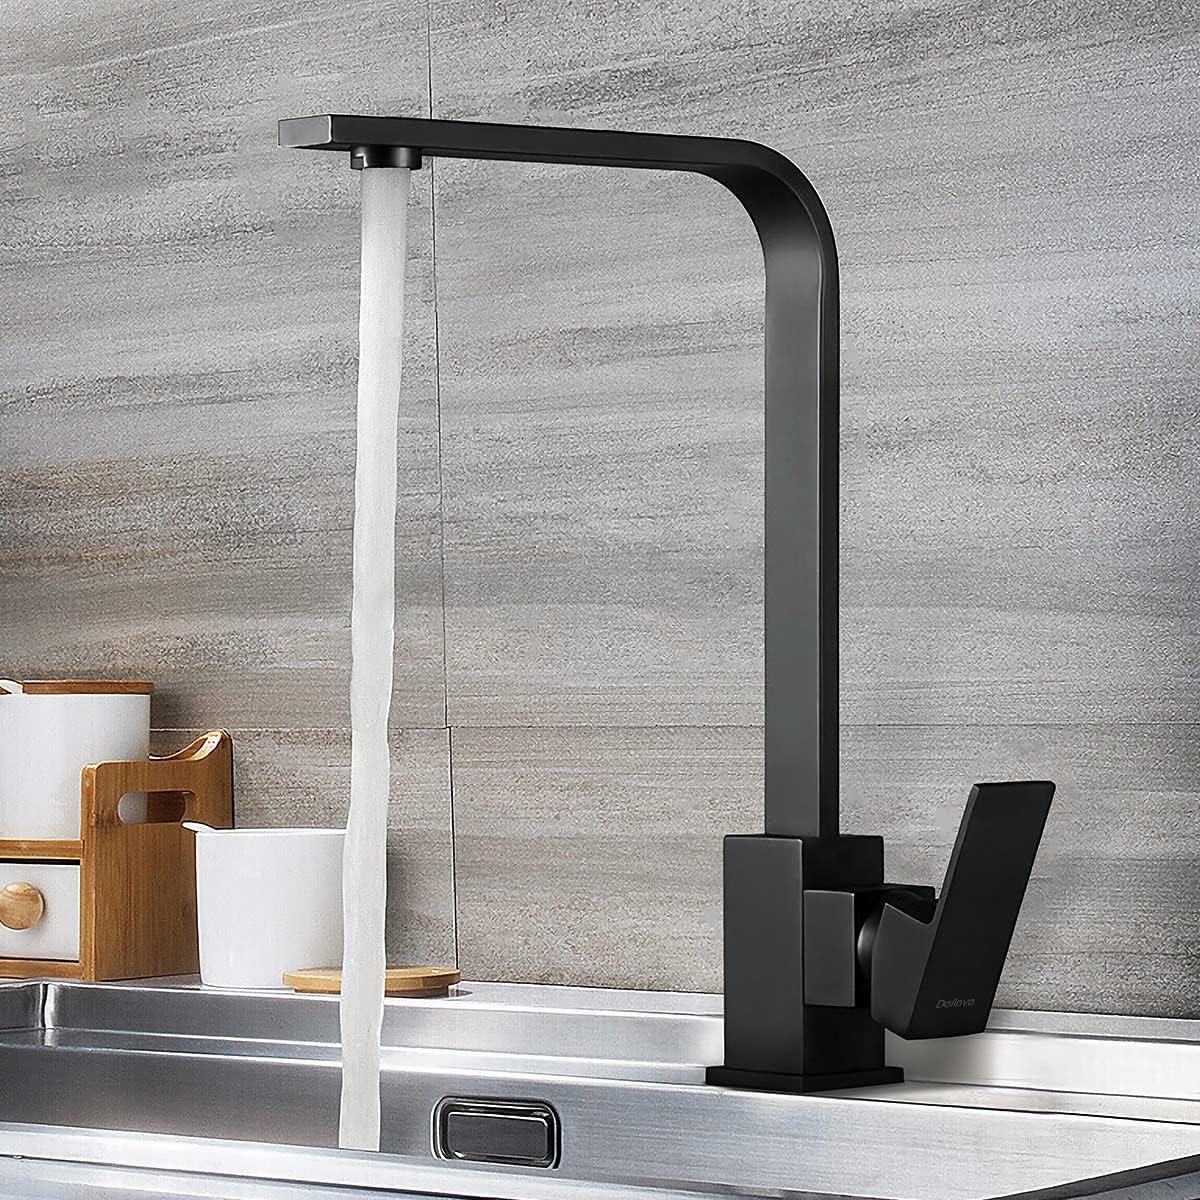 Grifo de Cocina y Lavabo Baño Universal Diseño 2021 Grifo Negro Monomando Acero Inoxidable SUS304 Resistente a Corrosión sin Fugas